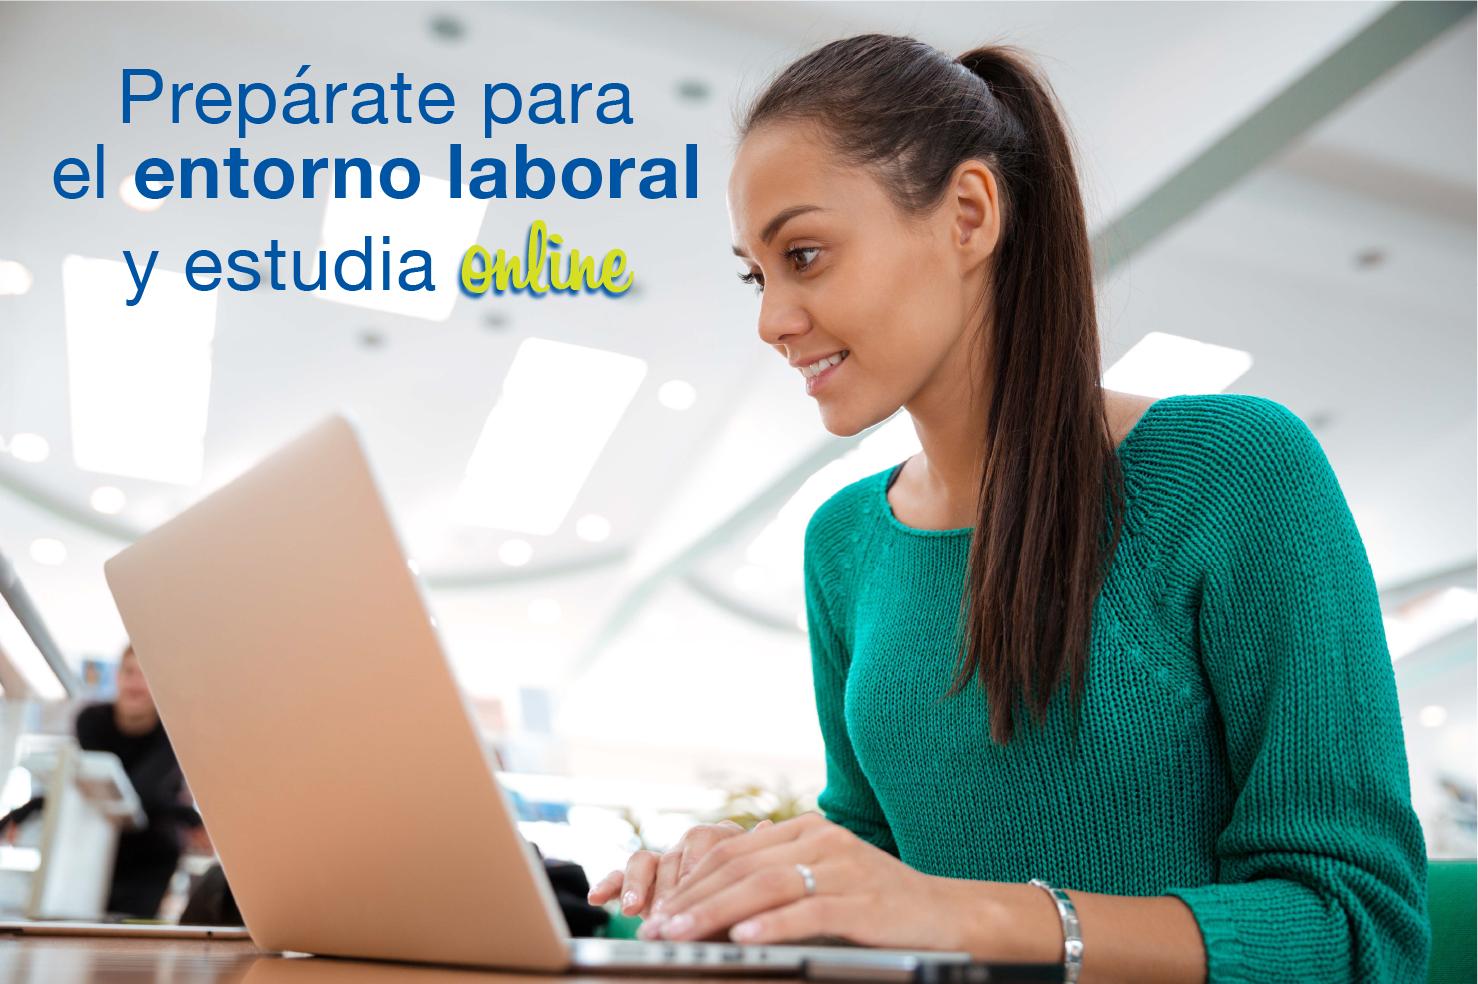 Cómo estudiar en línea te prepara para el entorno laboral